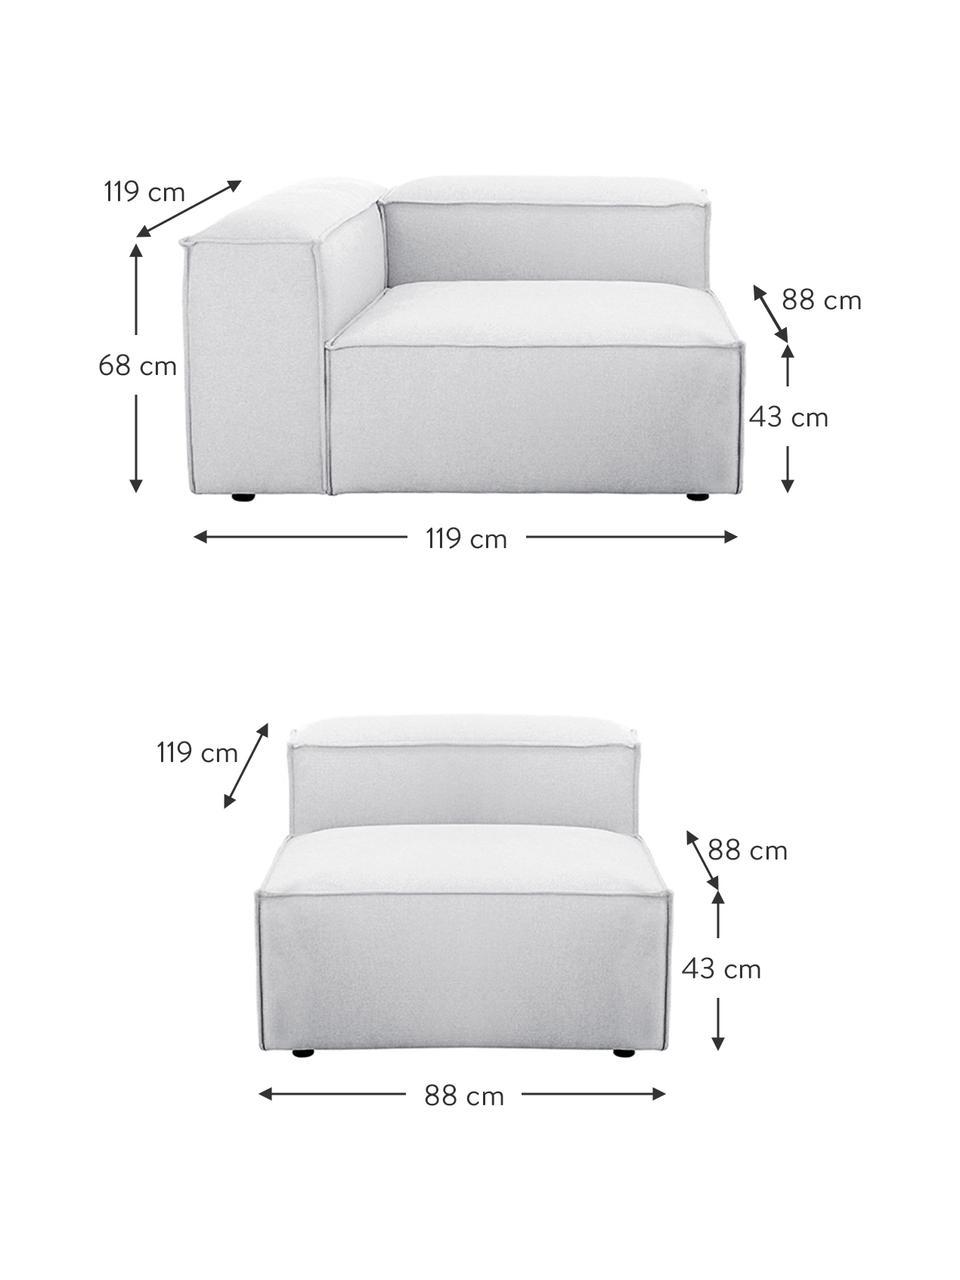 Modulares Sofa Lennon (4-Sitzer) in Hellgrau, Bezug: Polyester Der hochwertige, Gestell: Massives Kiefernholz, Spe, Füße: Kunststoff Die Füße befin, Webstoff Hellgrau, B 326 x T 119 cm